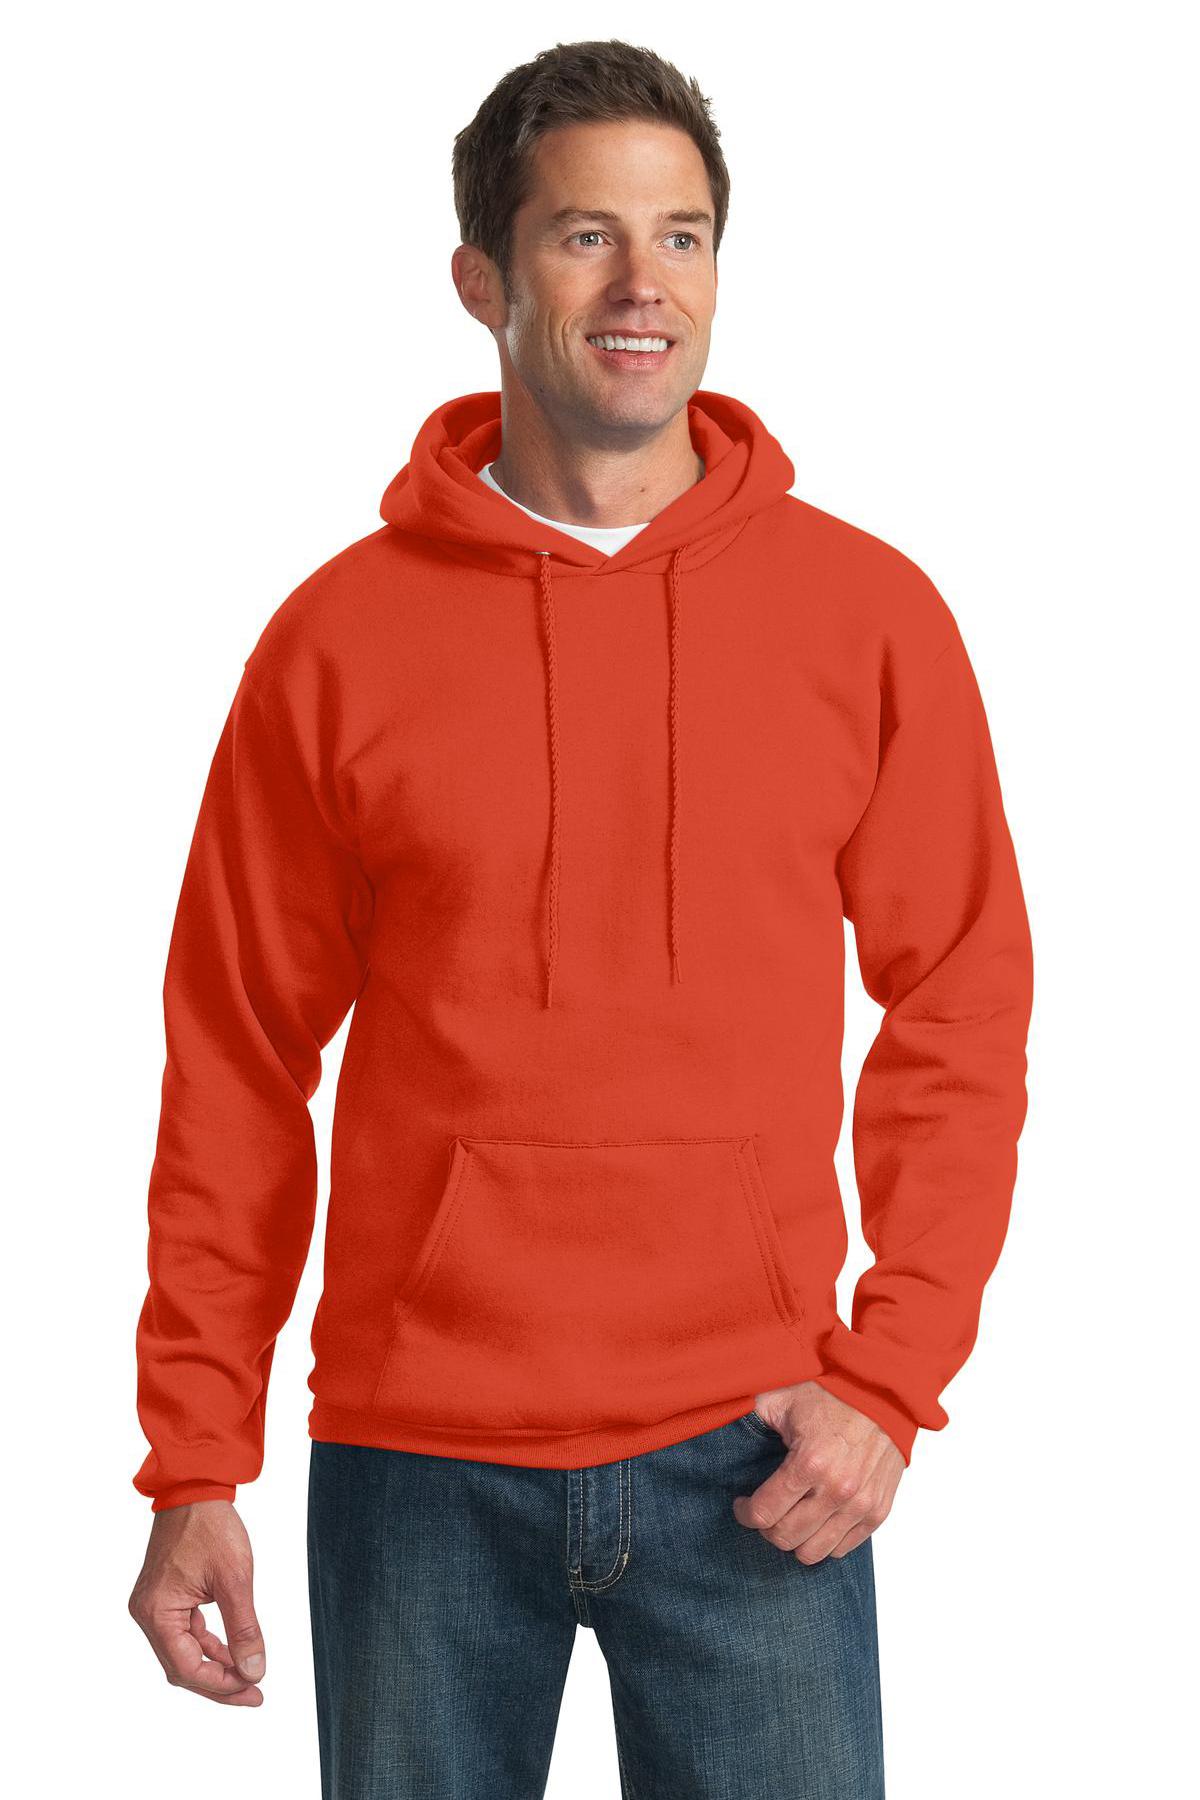 Sweatshirts-Fleece-Hooded-45